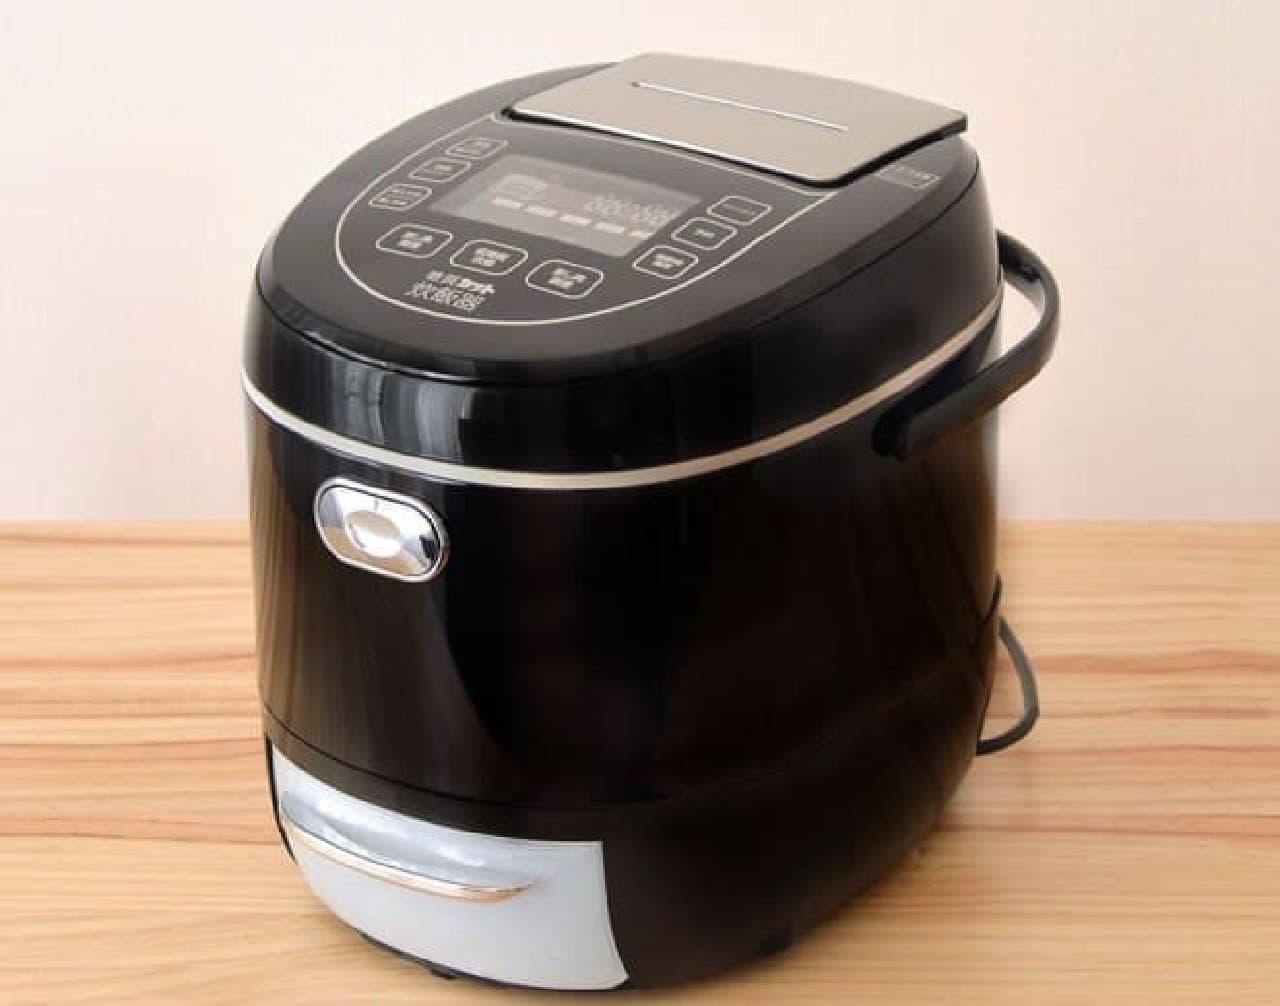 炊くだけで糖質を33%カットする炊飯器、サンコー「糖質カット炊飯器」